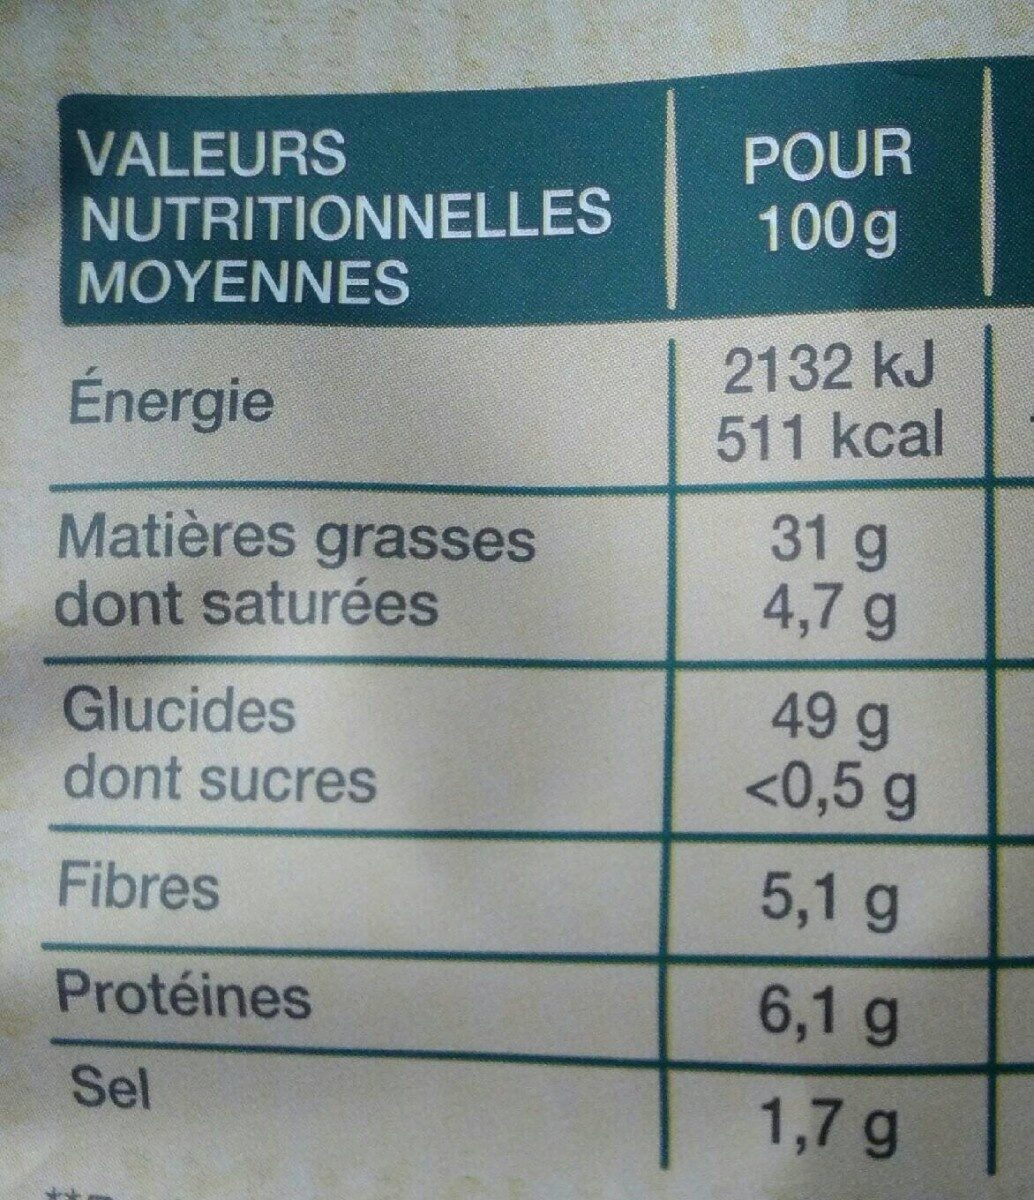 Lay's Méditerranéenne 100% huile d'olive nature format familial - Informations nutritionnelles - fr